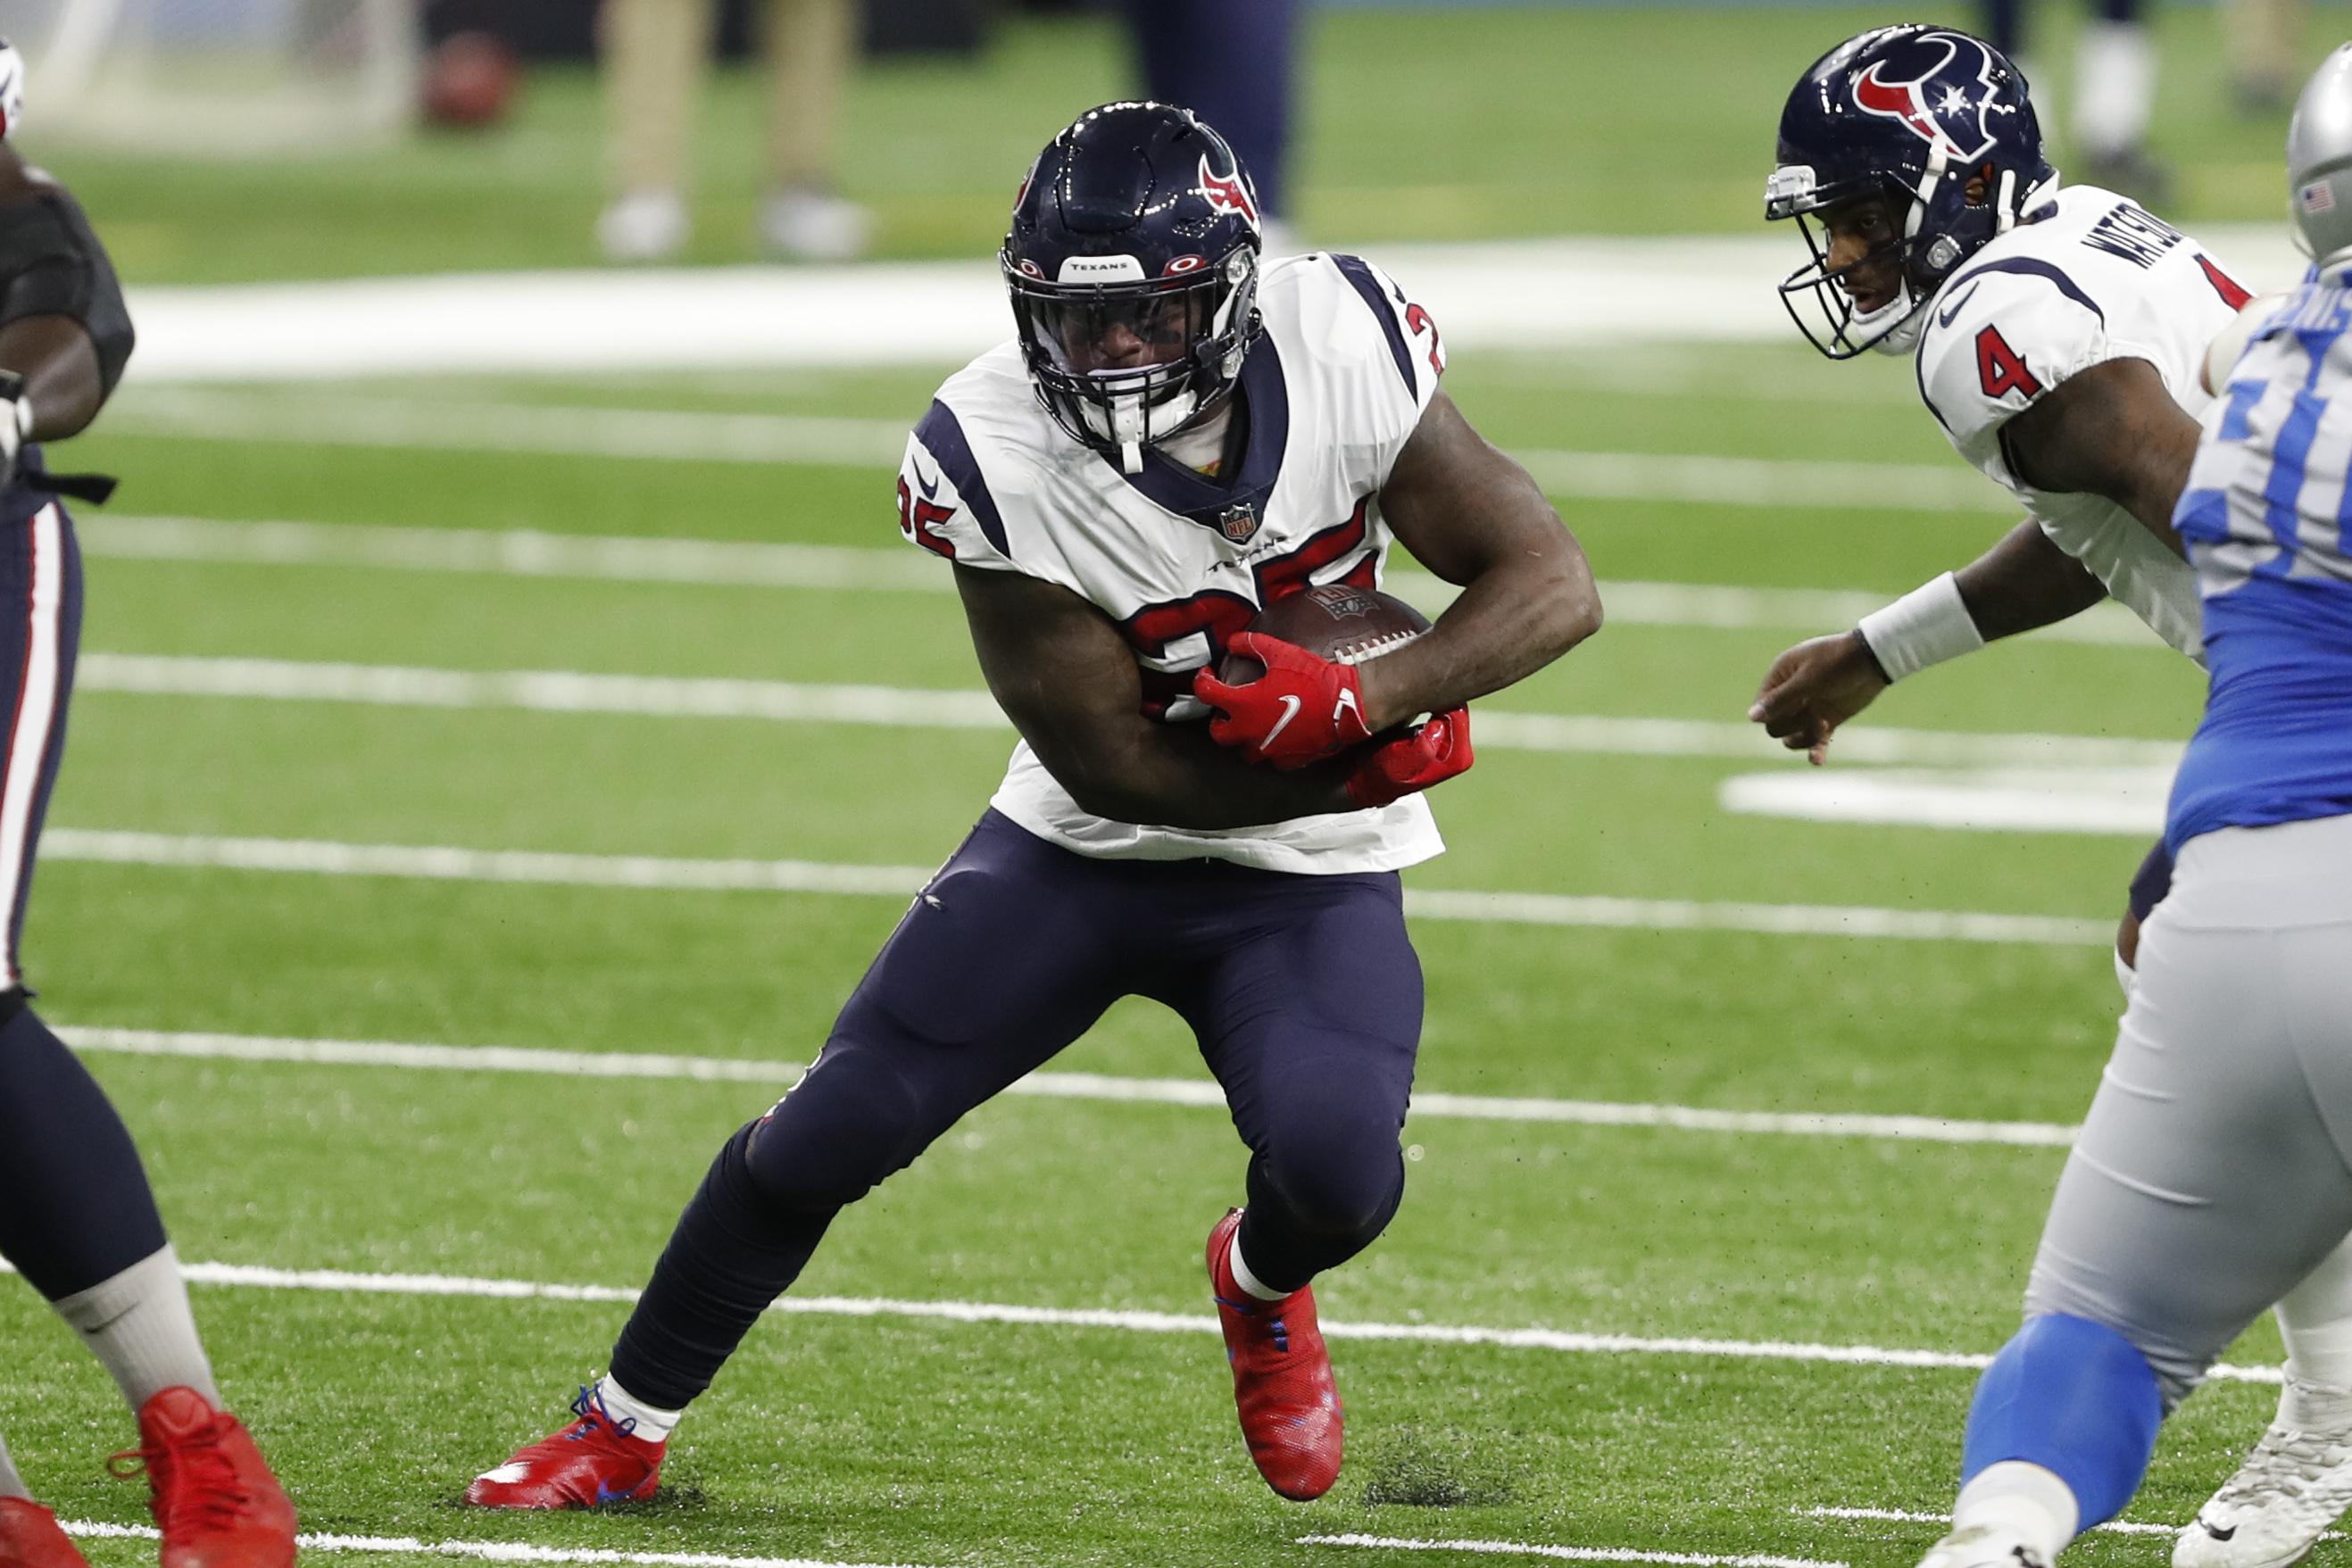 NFL: Houston Texans at Detroit Lions